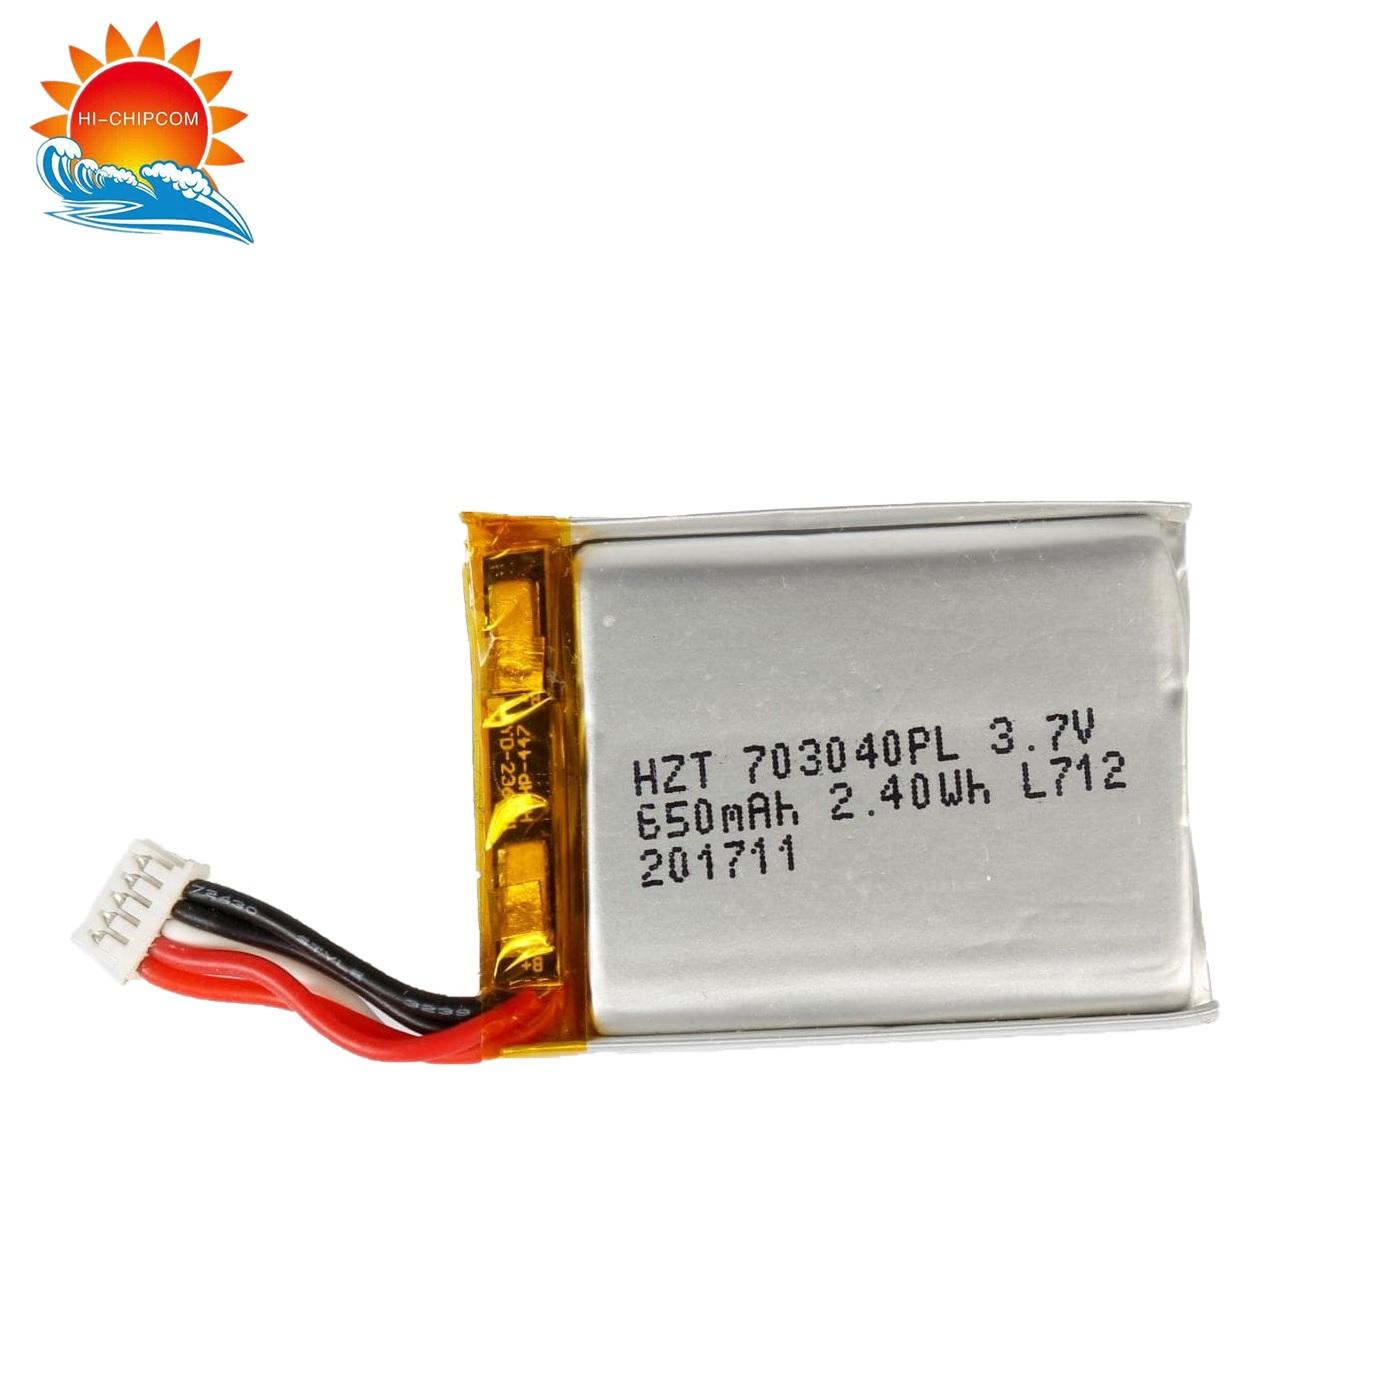 Smart Watch 650mAh Battery